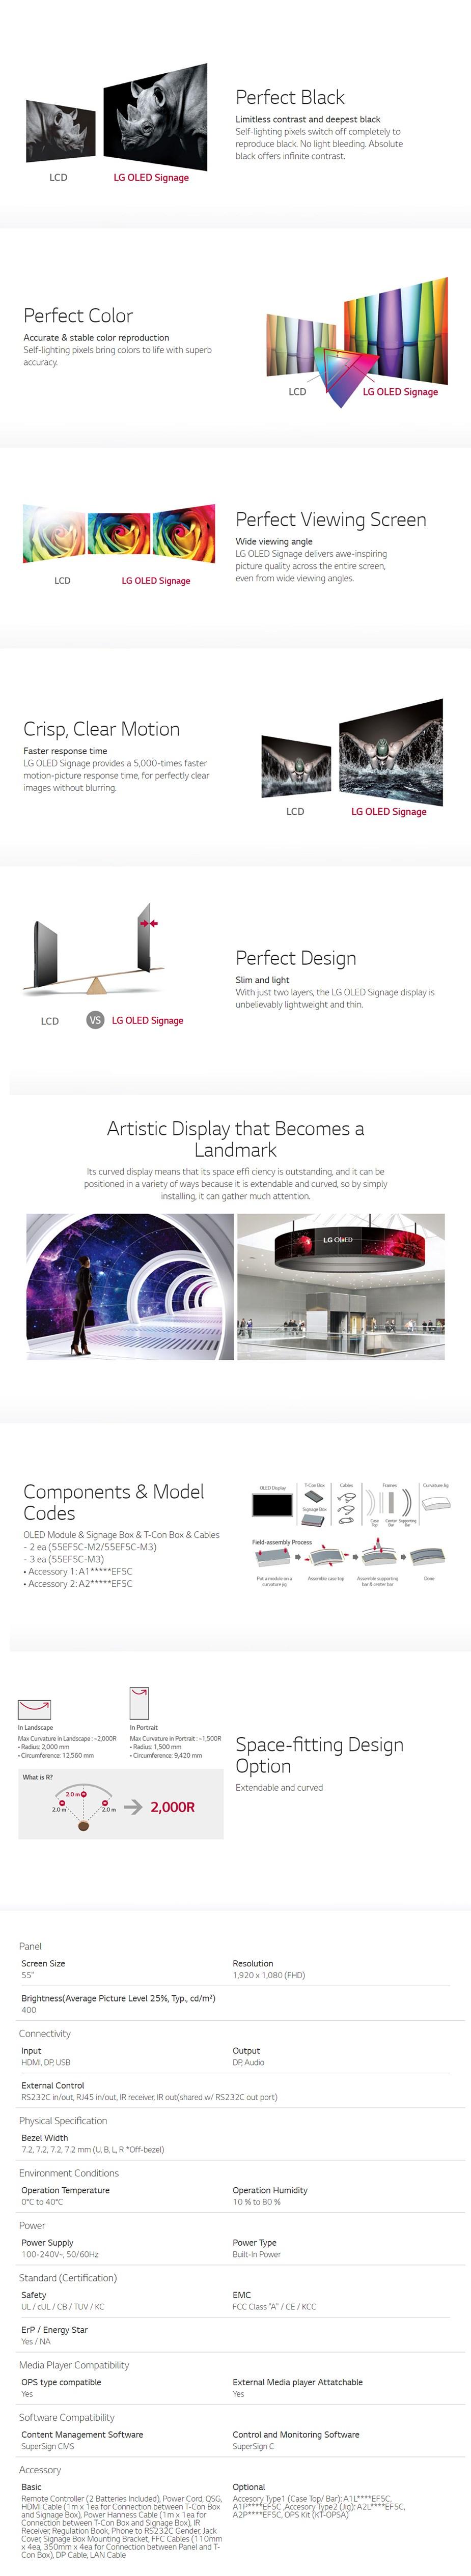 """LG EF5C 55"""" Curved Full HD Open Frame OLED Commercial Display - Desktop Overview 1"""